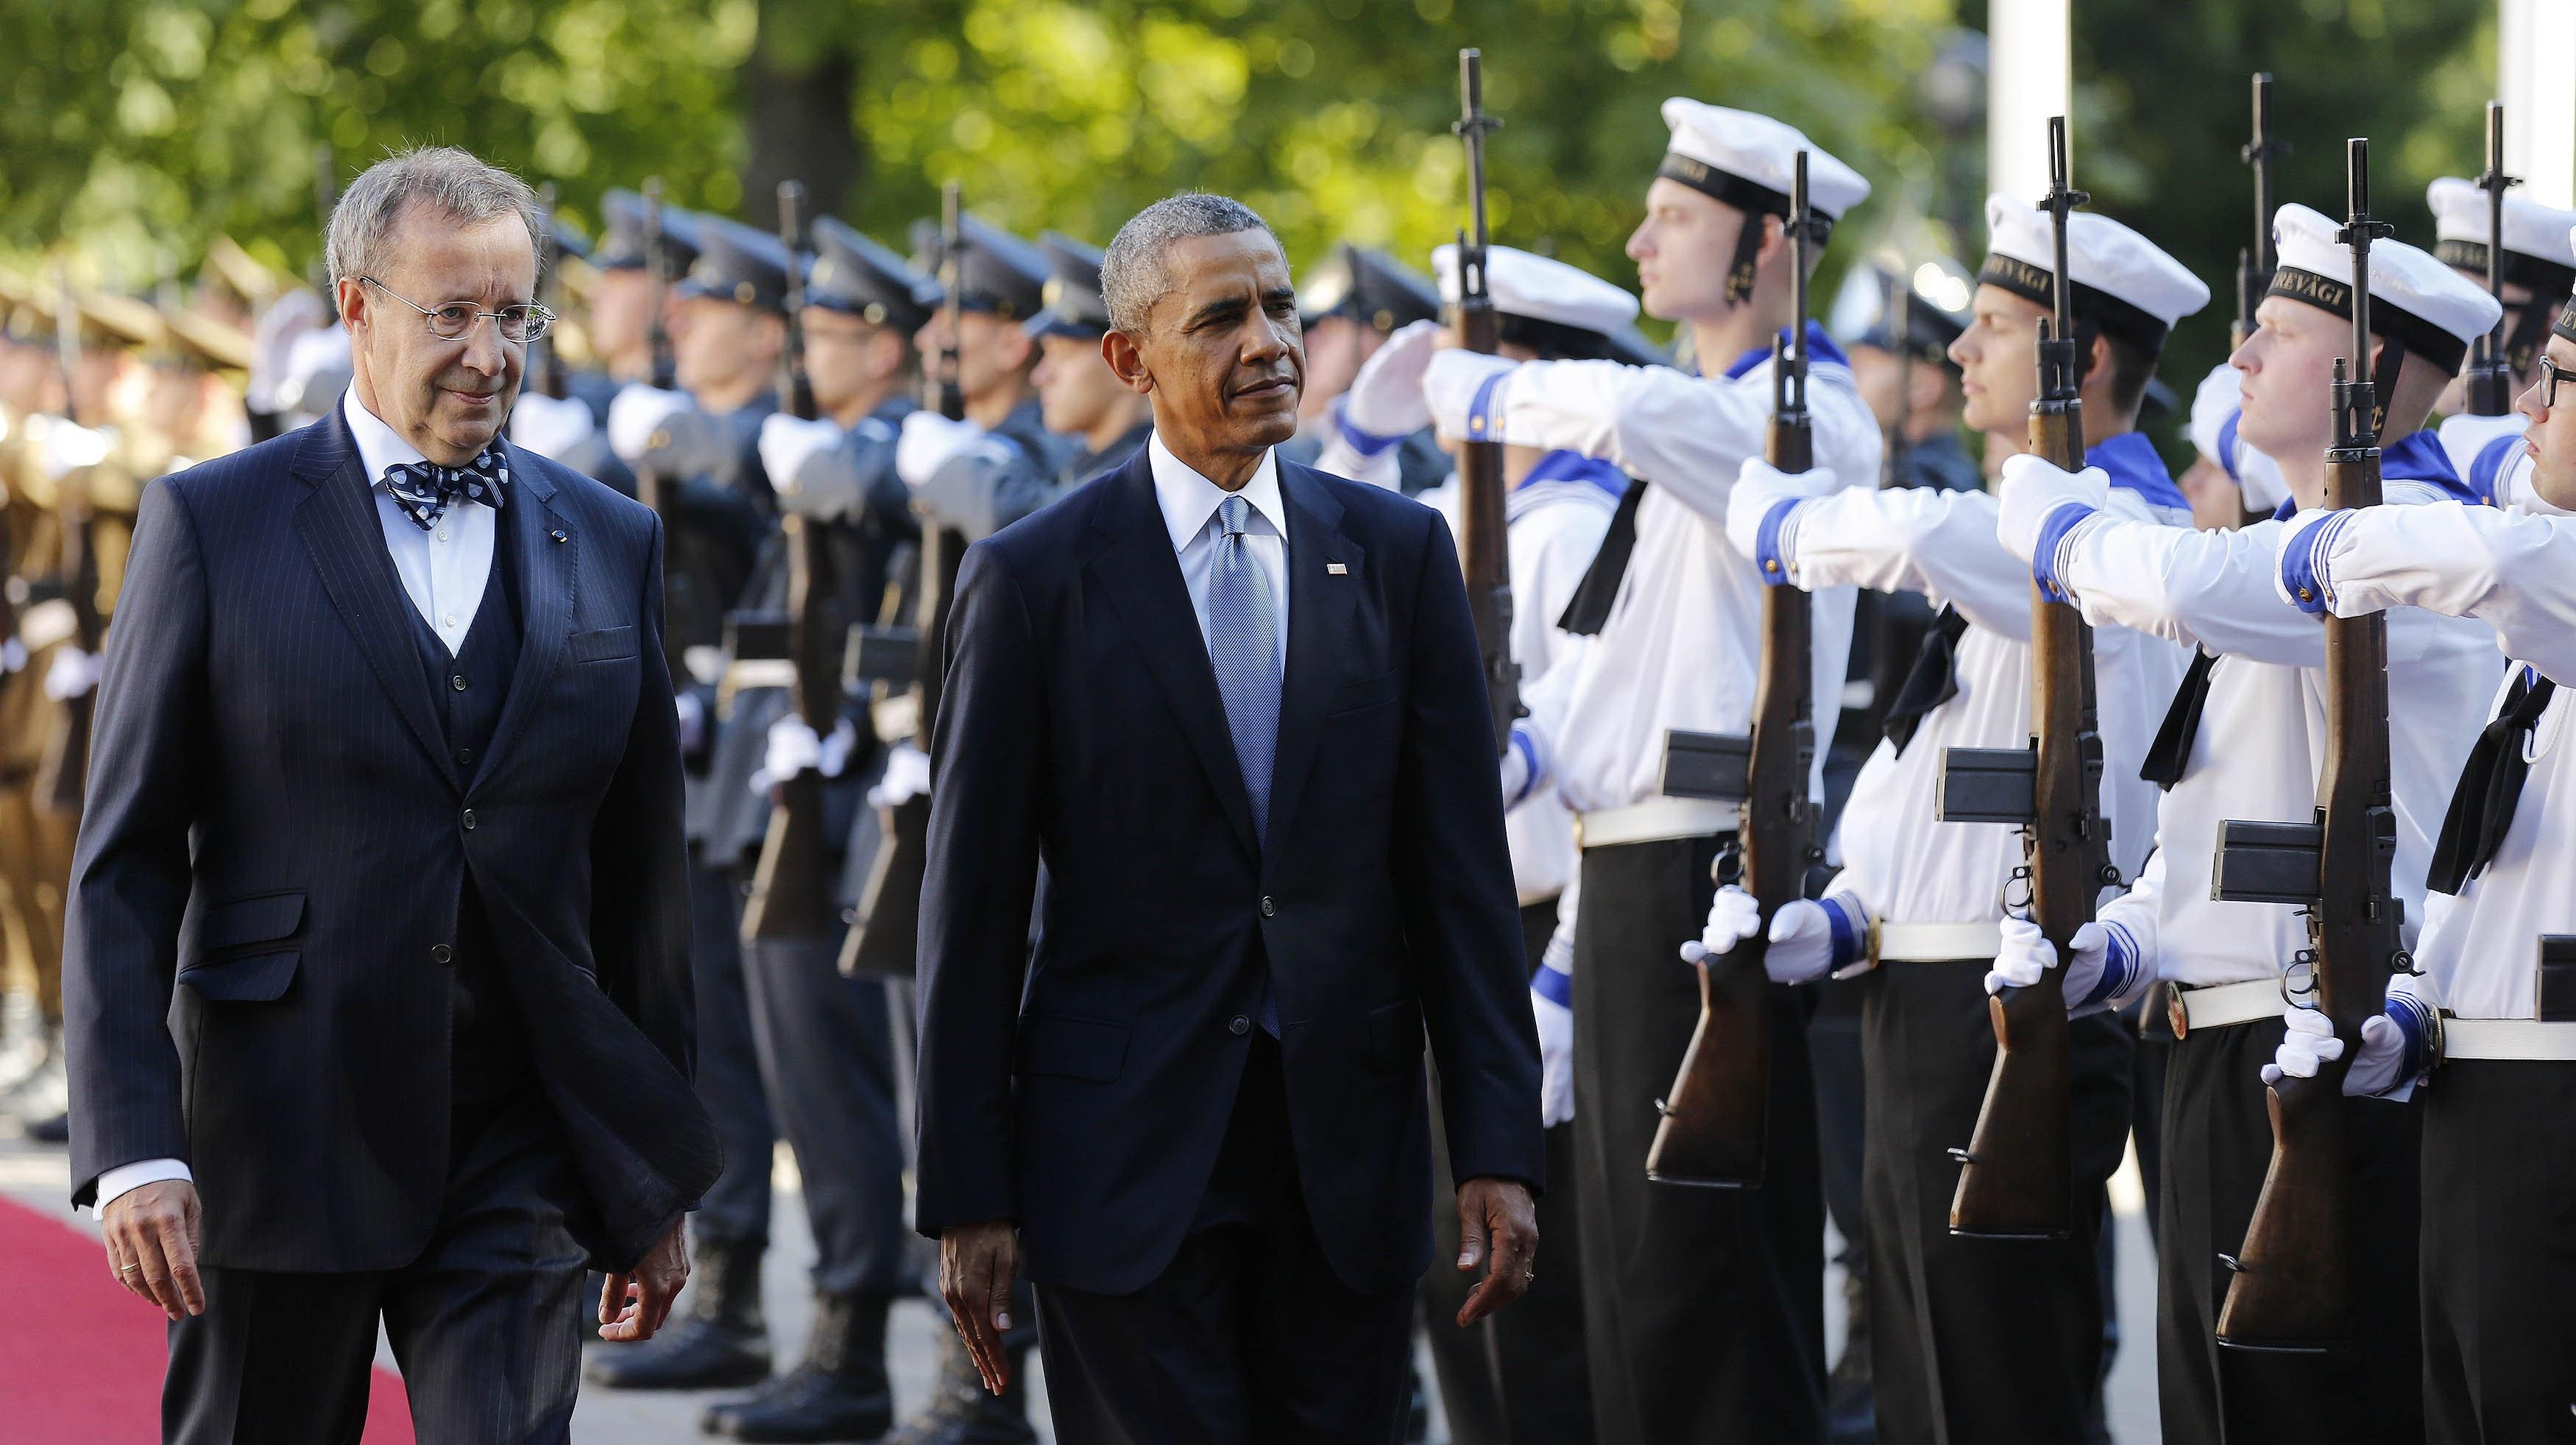 El presidente de EE.UU., Barack Obama, pasa revista a las tropas a su llegada a Tallin junto a su homólogo estonio, Toomas Hendrik Ilves